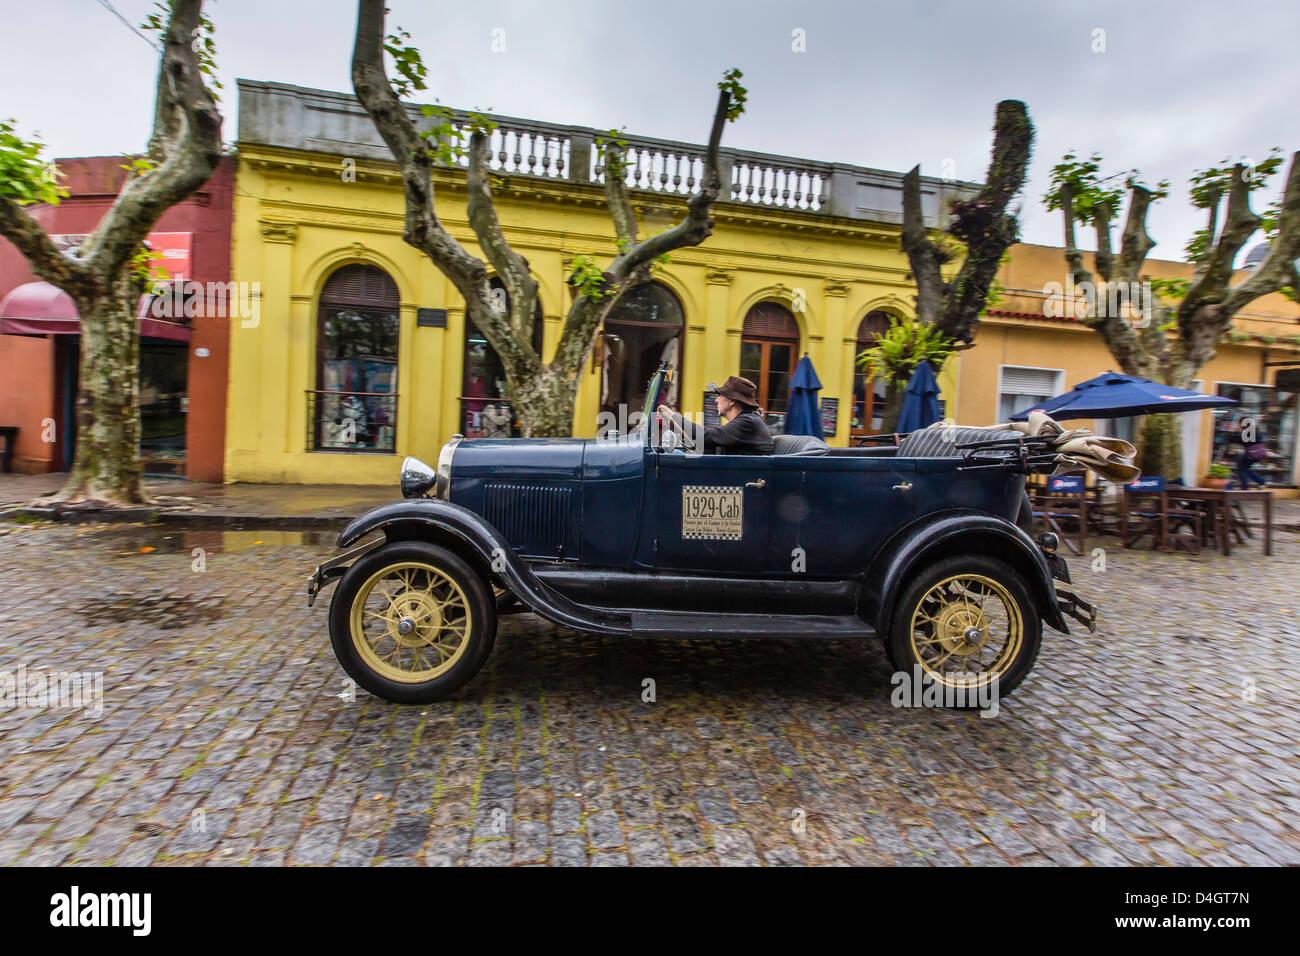 Vecchia auto usate come taxi sulla strada di ciottoli nella Colonia del Sacramento, Uruguay Sud America Immagini Stock